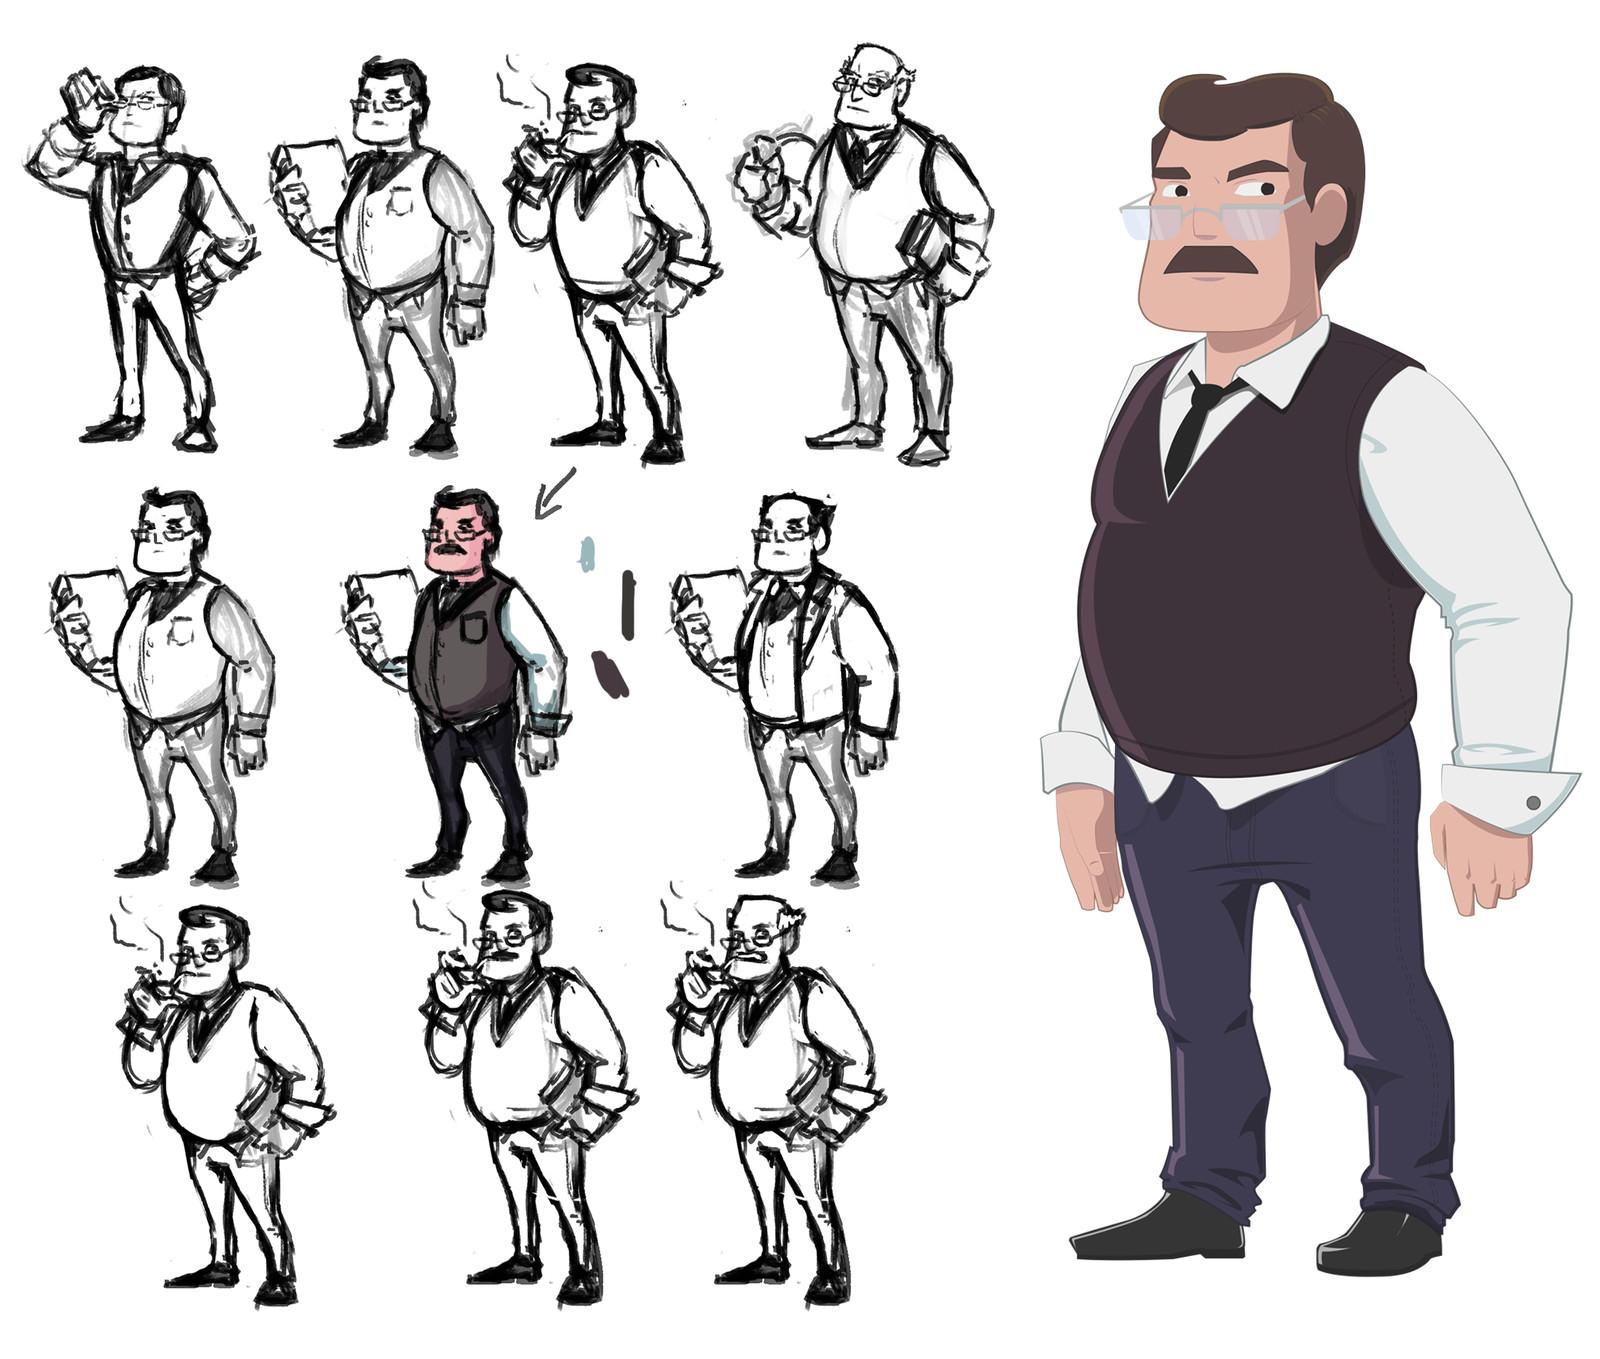 O Professor - Lider do Esquadrão